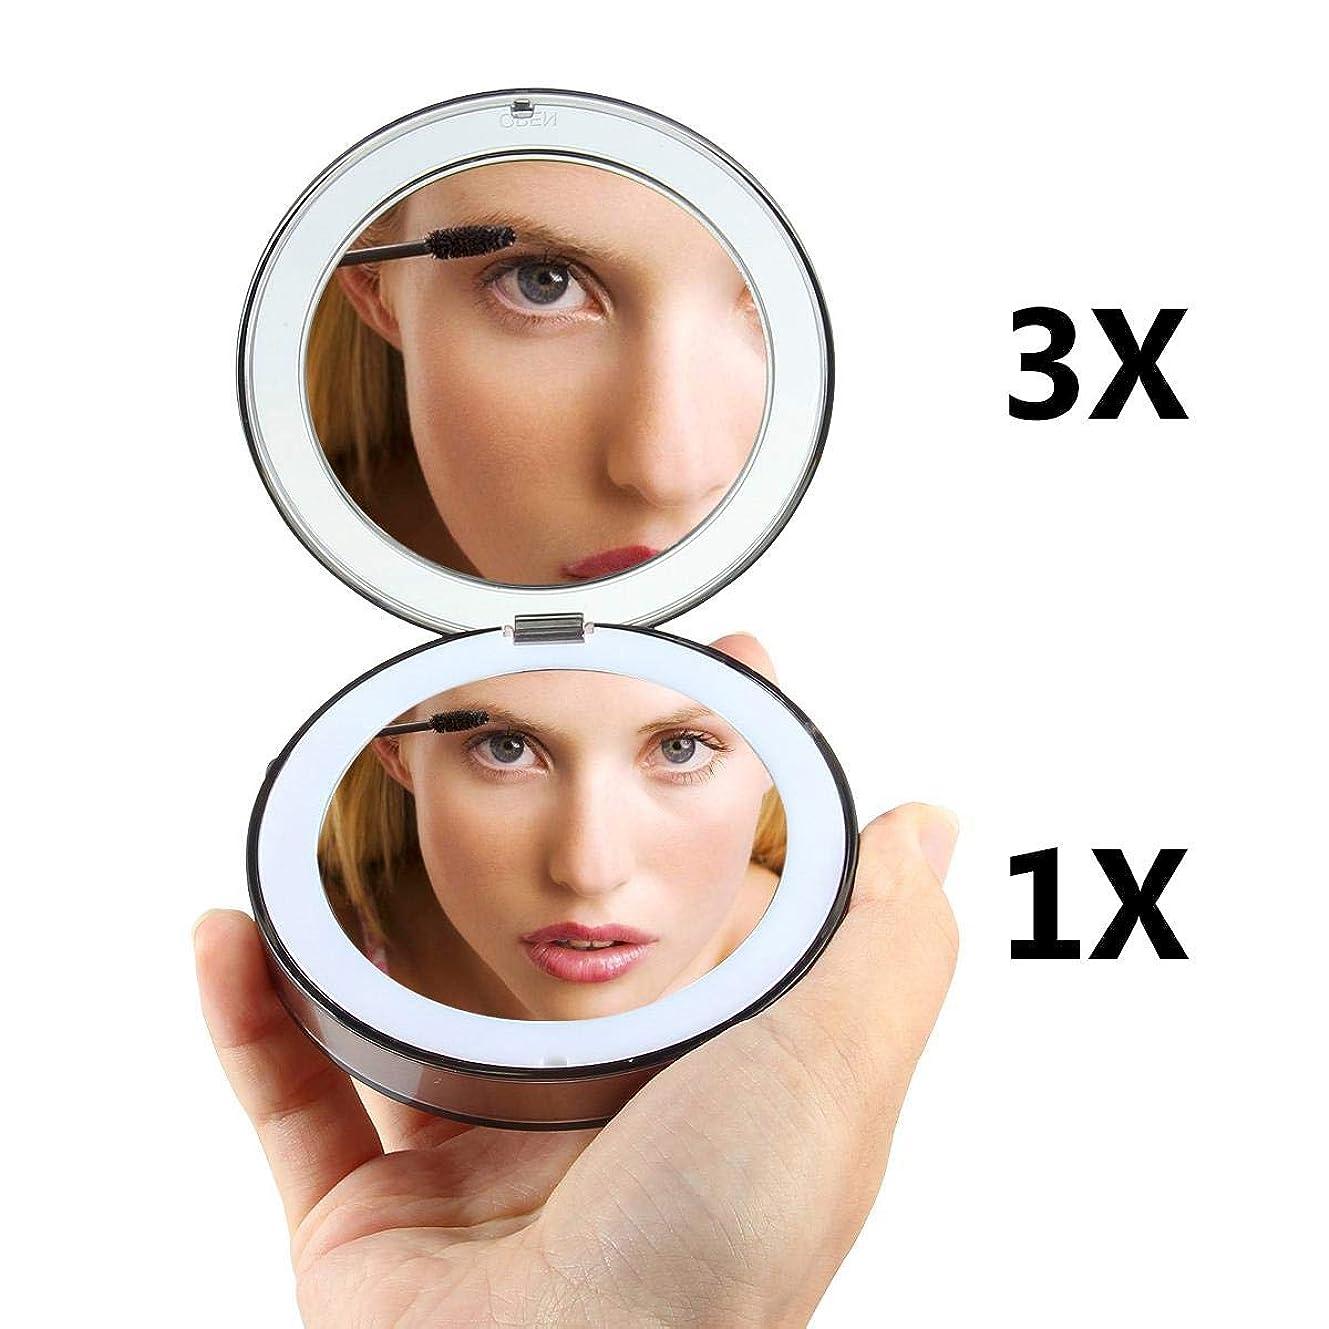 対バウンド実験室OOOUSE 化粧鏡 Led付き 拡大鏡付き メイクかがみ ライト 手鏡 コンパクト 折りたたみ ポケット 携帯 女優ミラー 軽量 小さい USB充電 可愛い 丸 二面鏡 明るさ調節可能